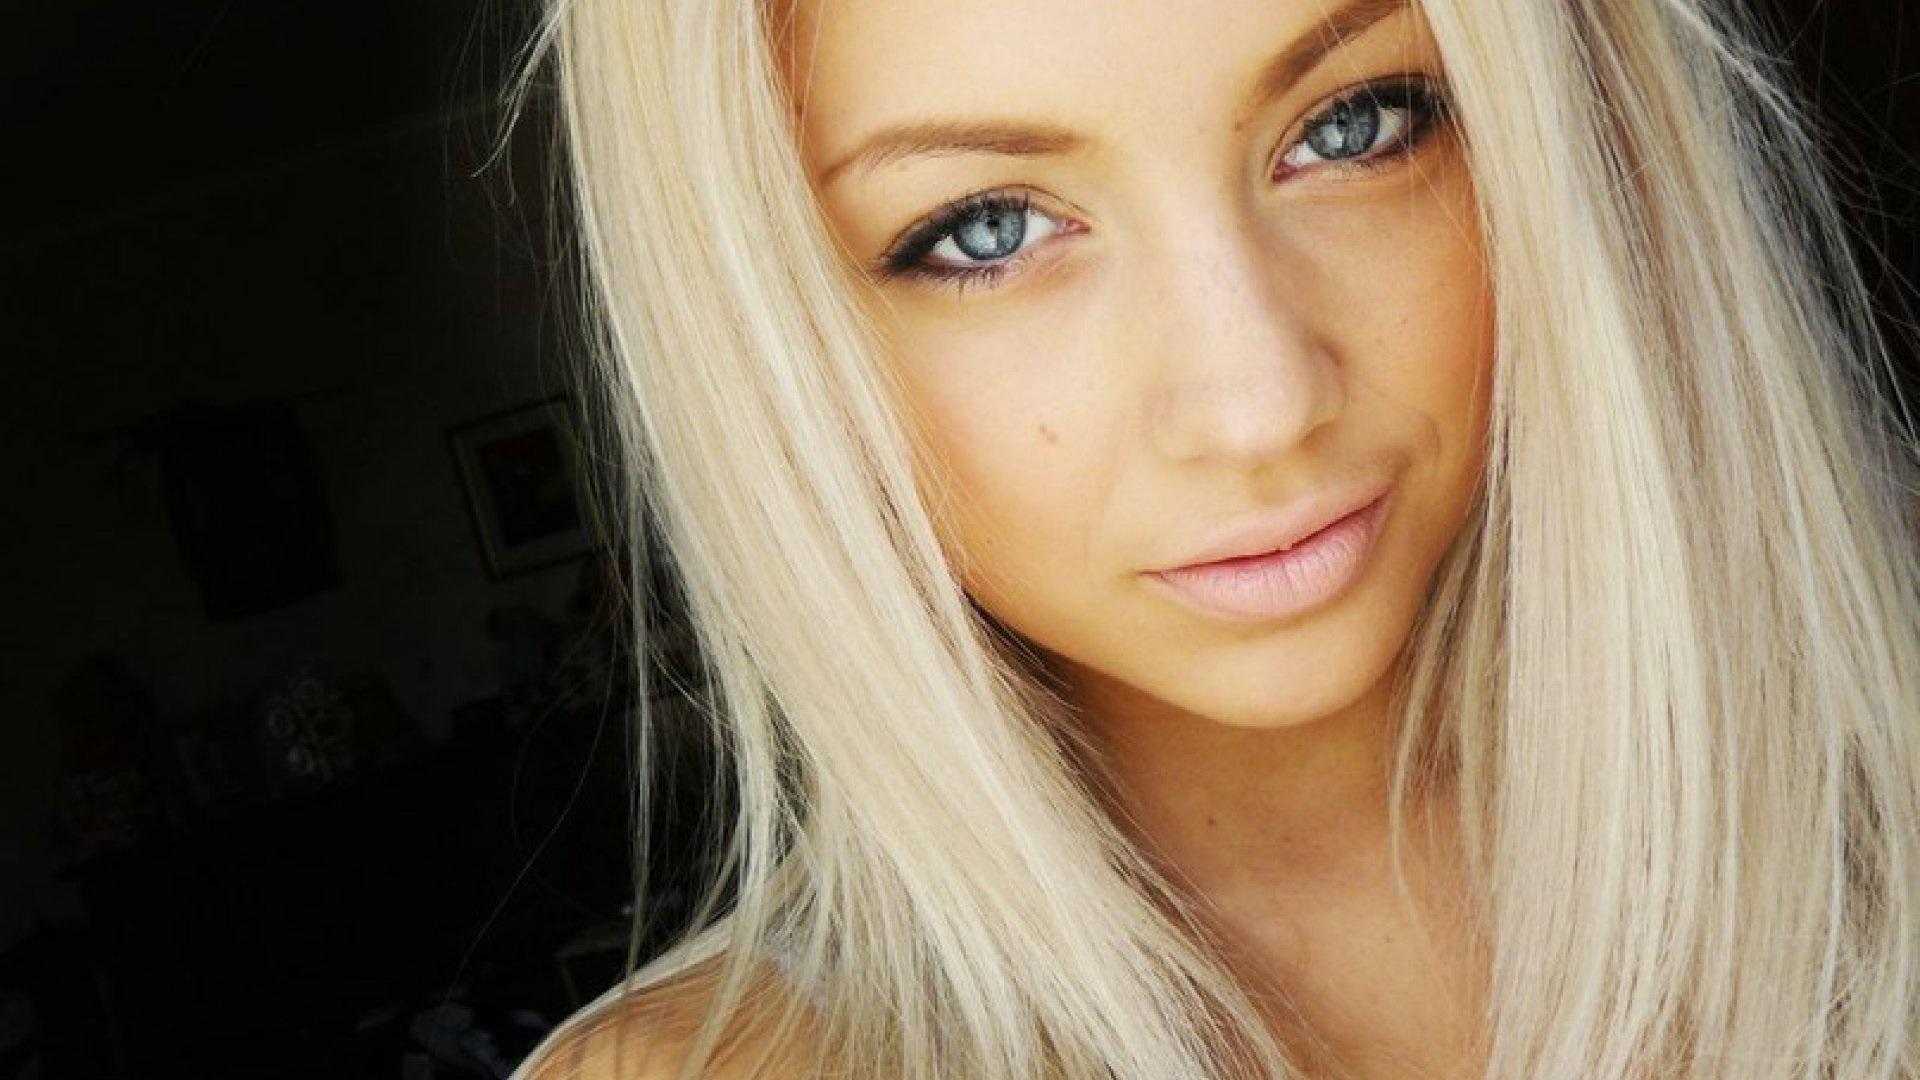 Картинки красивых девушек блондинок на аву